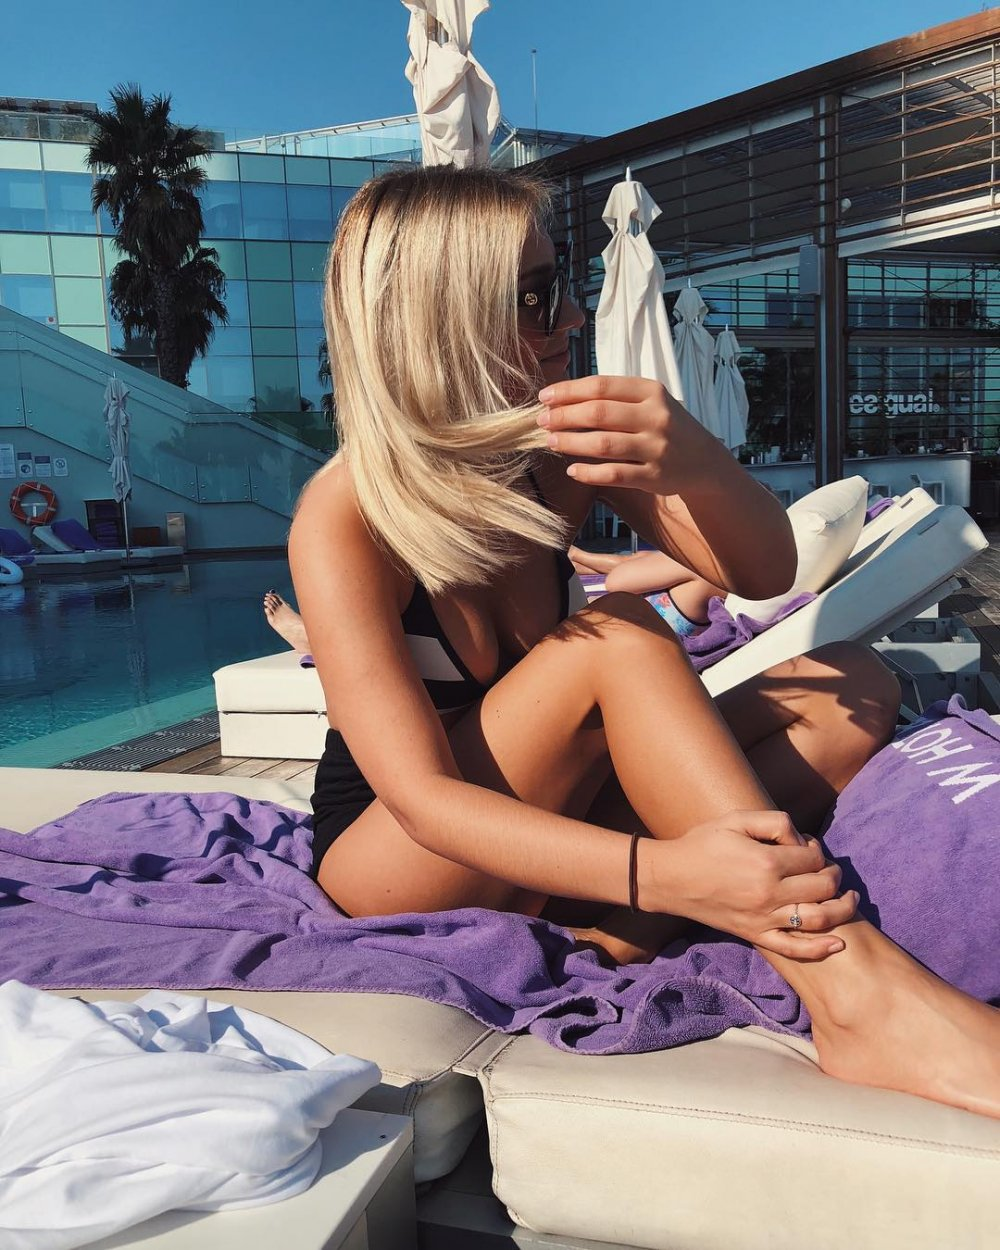 Trabzonspor'un yeni yengesi! Alexander Shörloth'ün eşi Lena Selnes'in fotoğrafları...